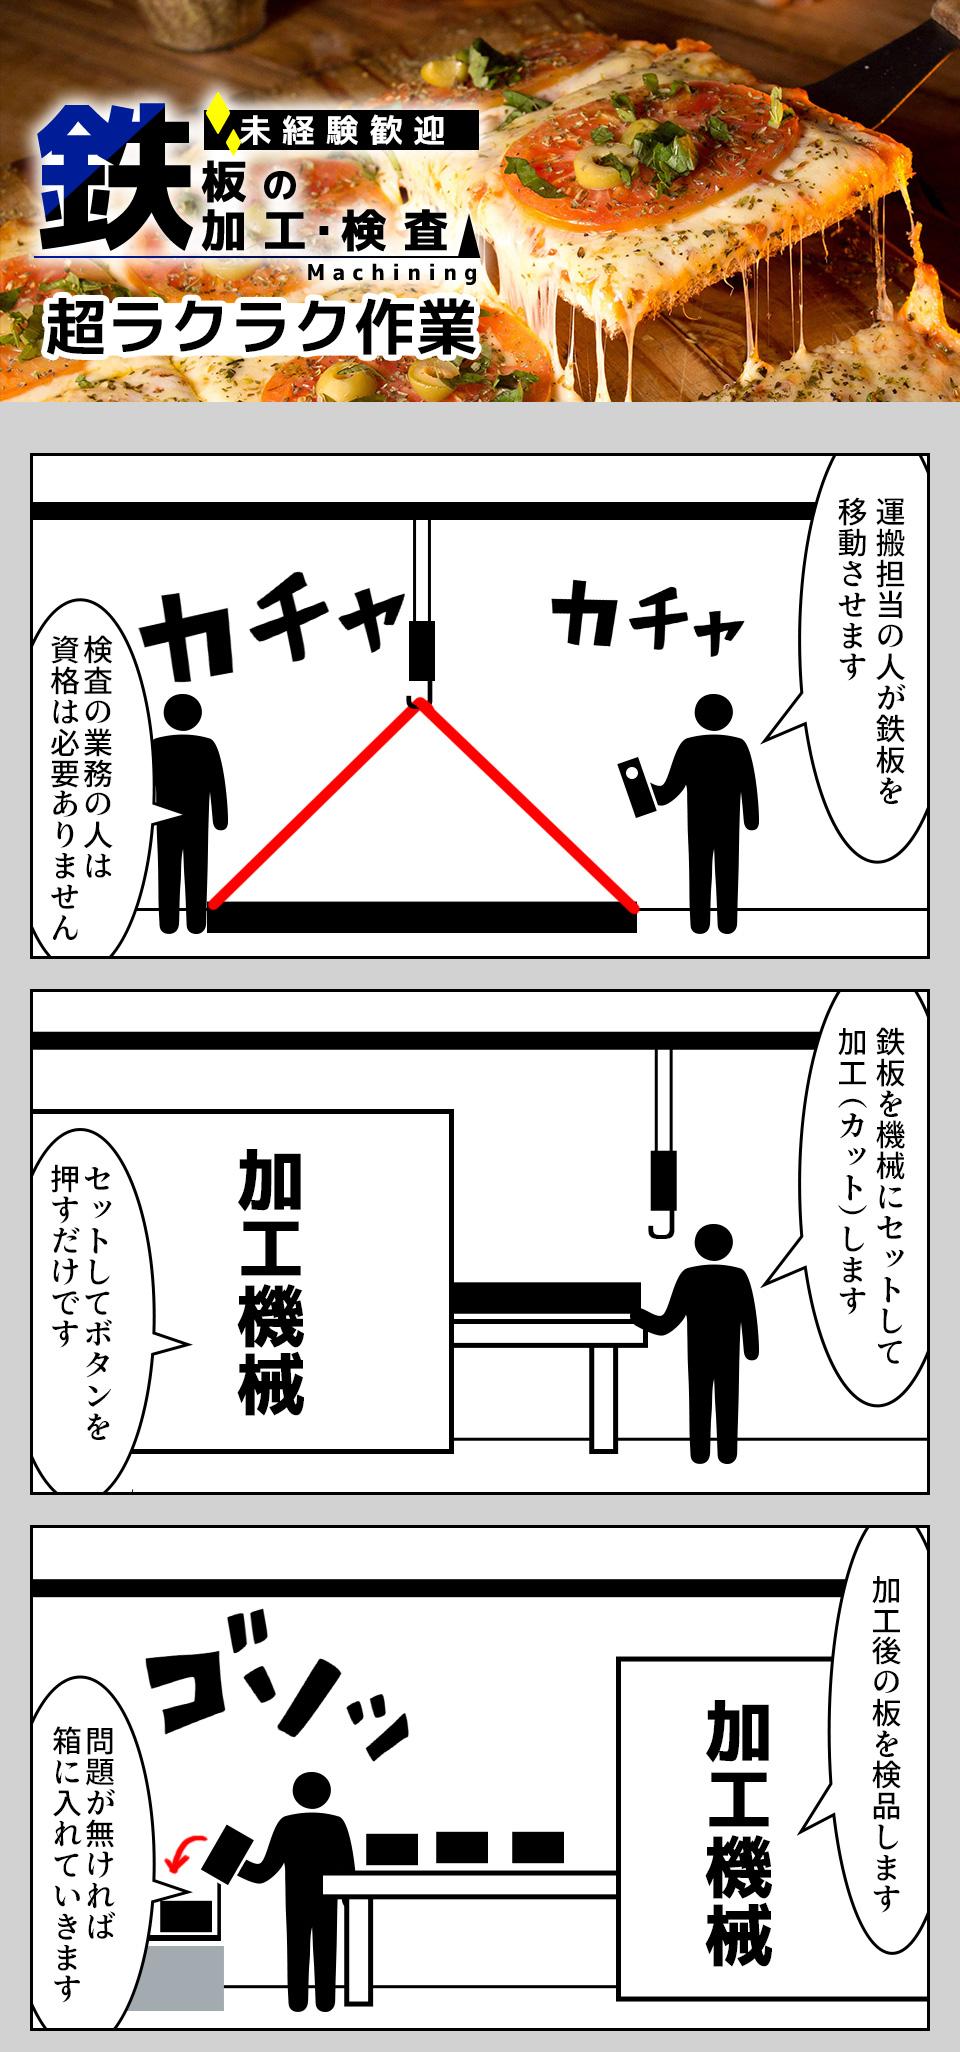 機械オペレーター・検査 石川県白山市の派遣社員求人